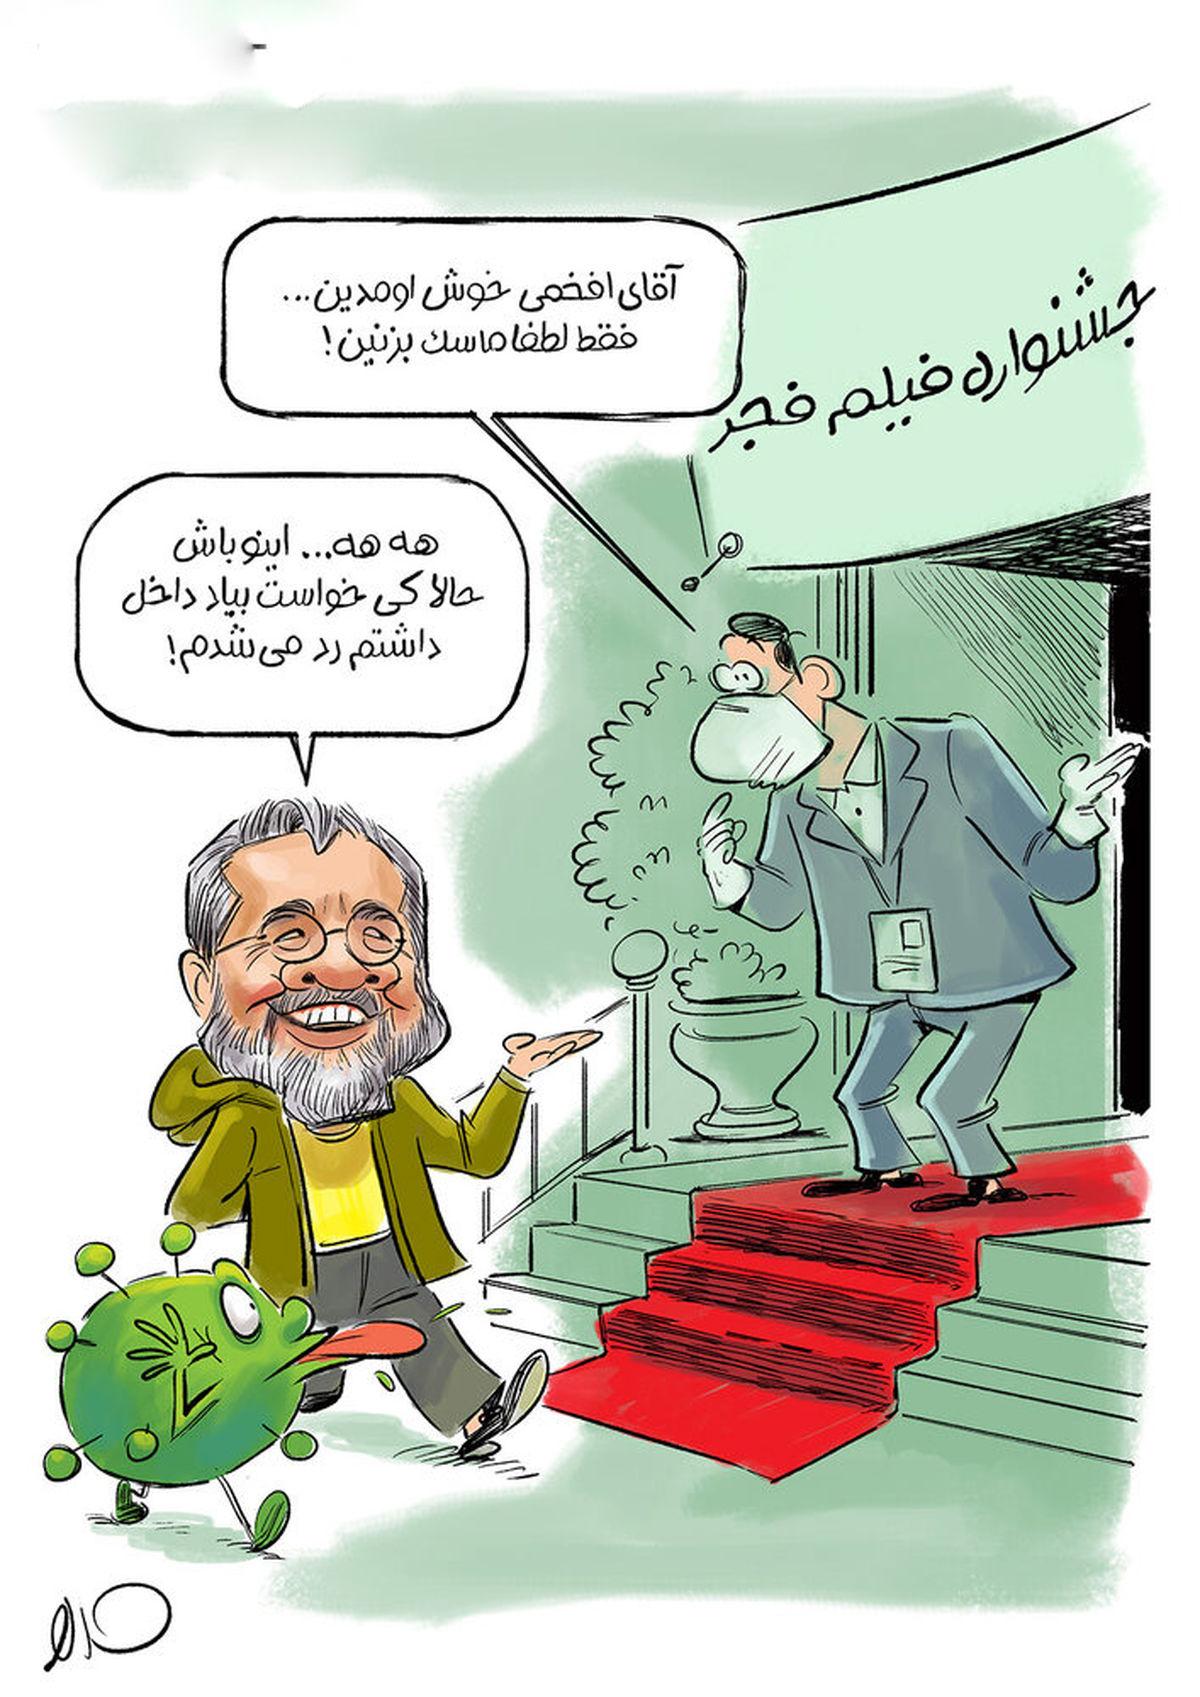 اظهارات عجیب بهروز افخمی در حاشیه جشنواره فیلم فجر+کاریکاتور